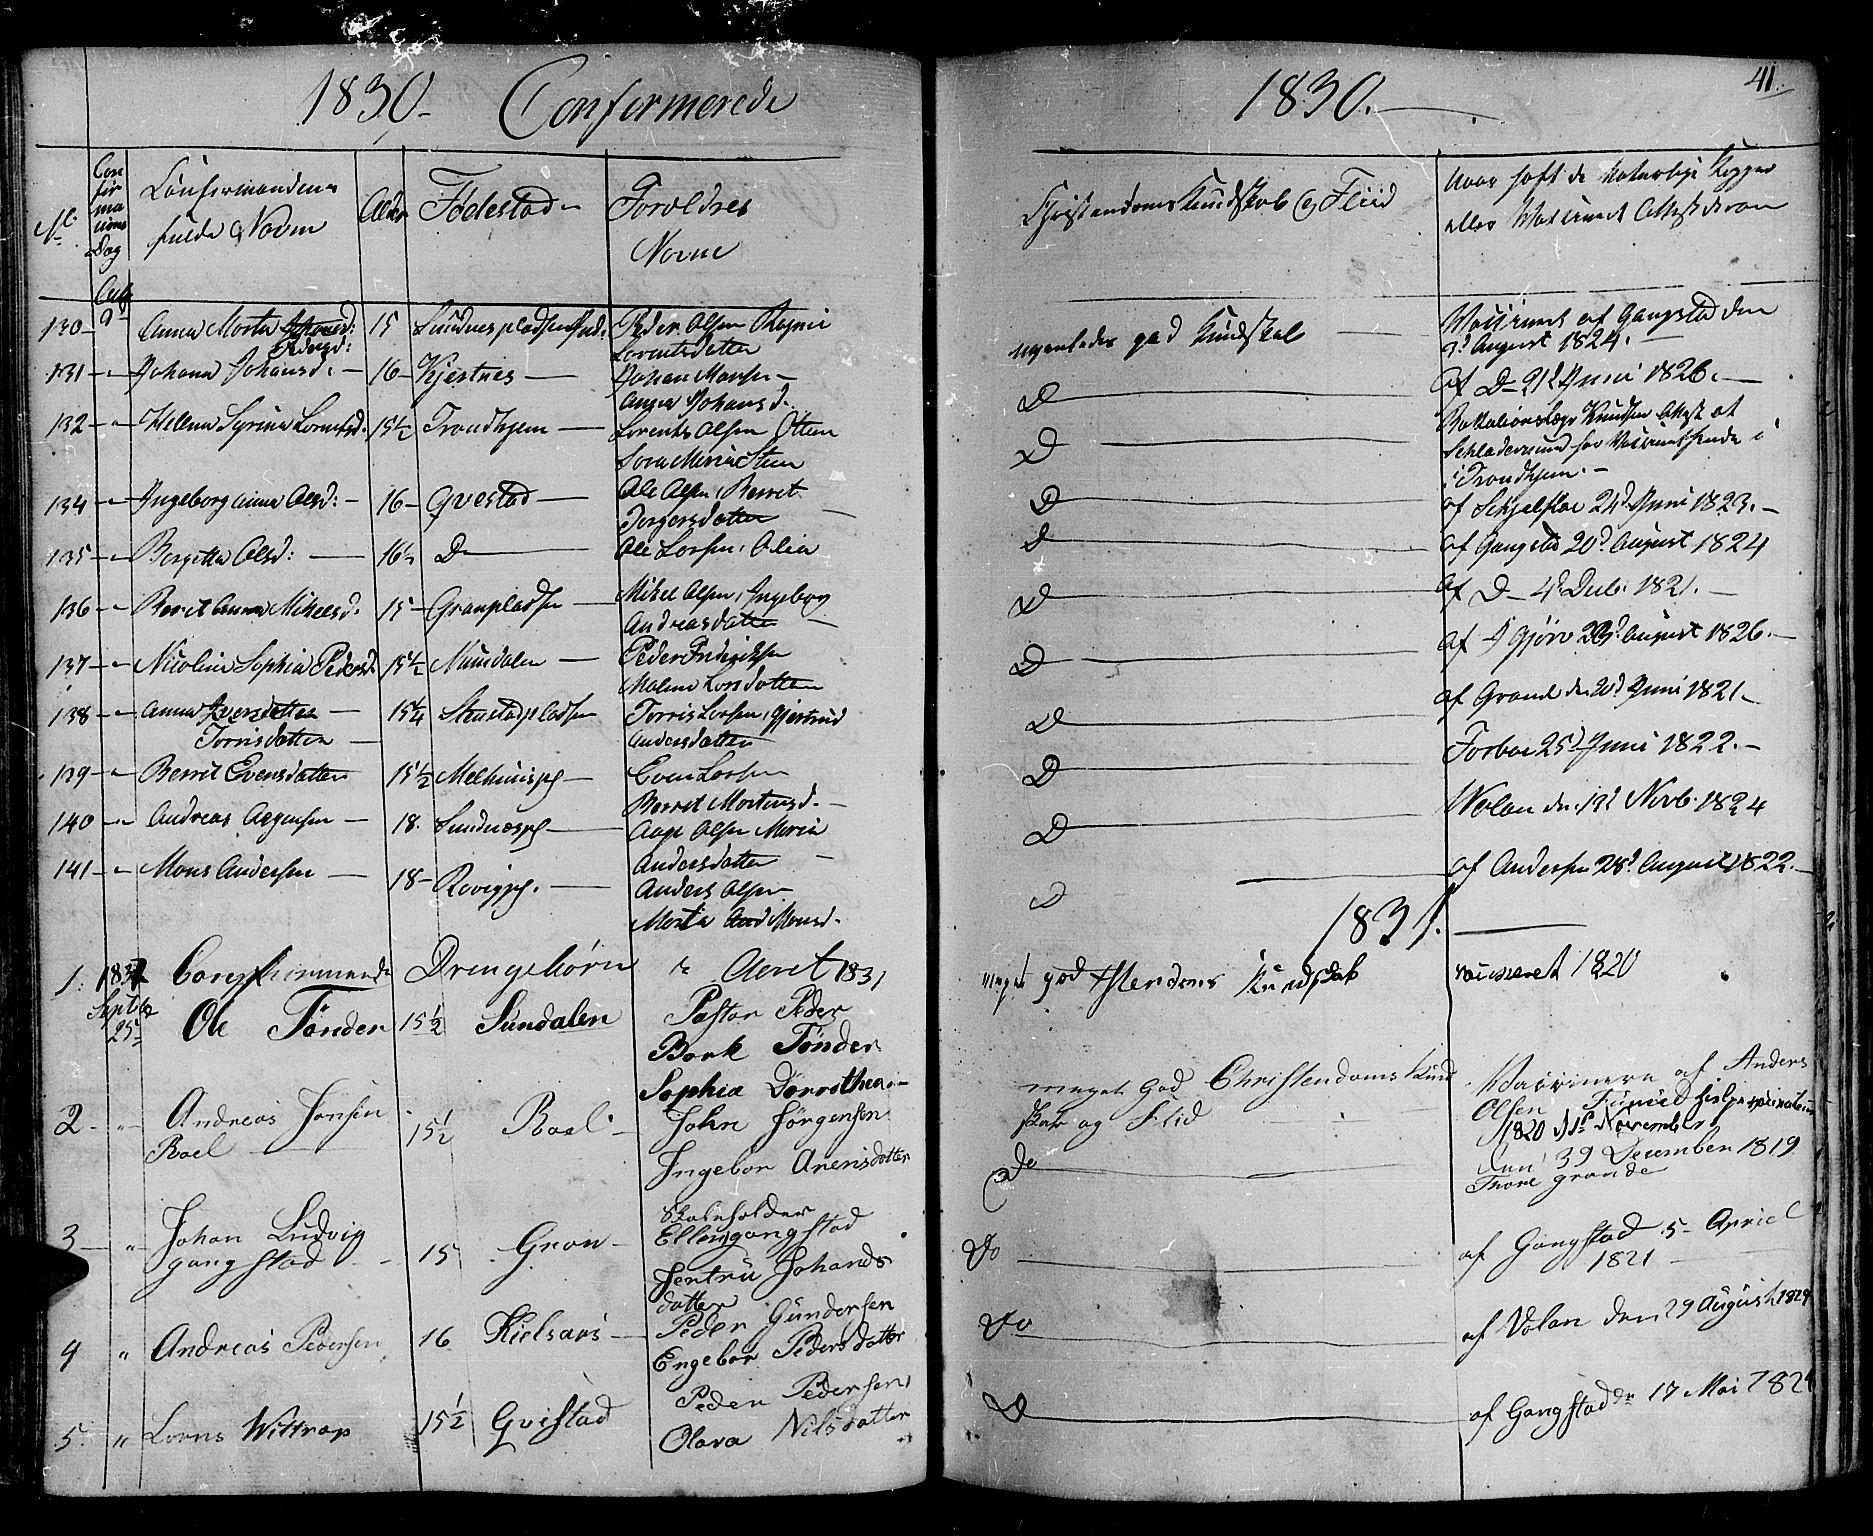 SAT, Ministerialprotokoller, klokkerbøker og fødselsregistre - Nord-Trøndelag, 730/L0277: Ministerialbok nr. 730A06 /1, 1830-1839, s. 41